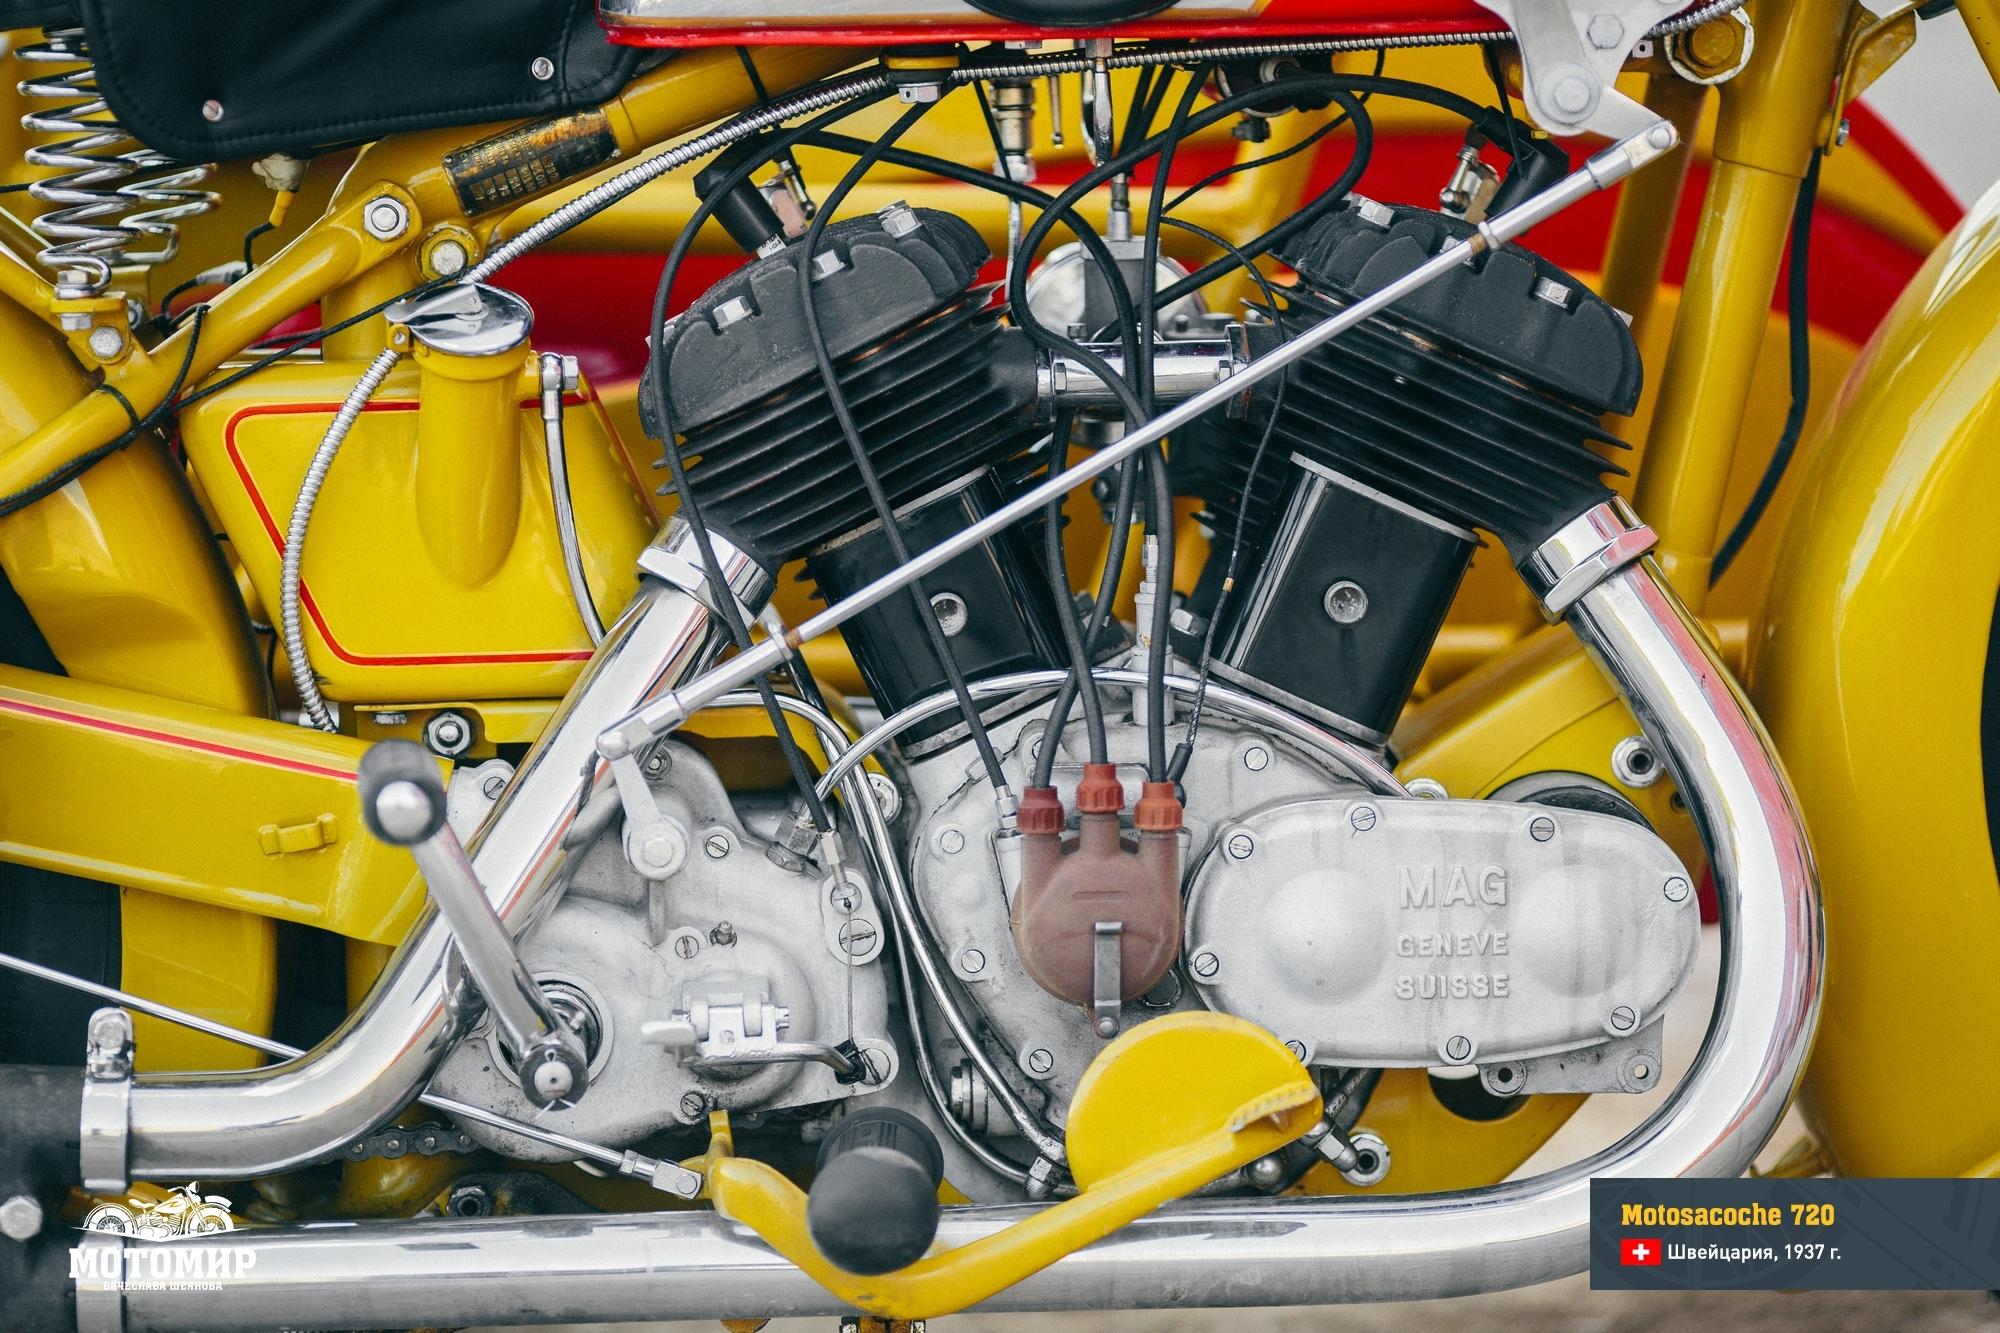 motosacoche-720-201510-web-11